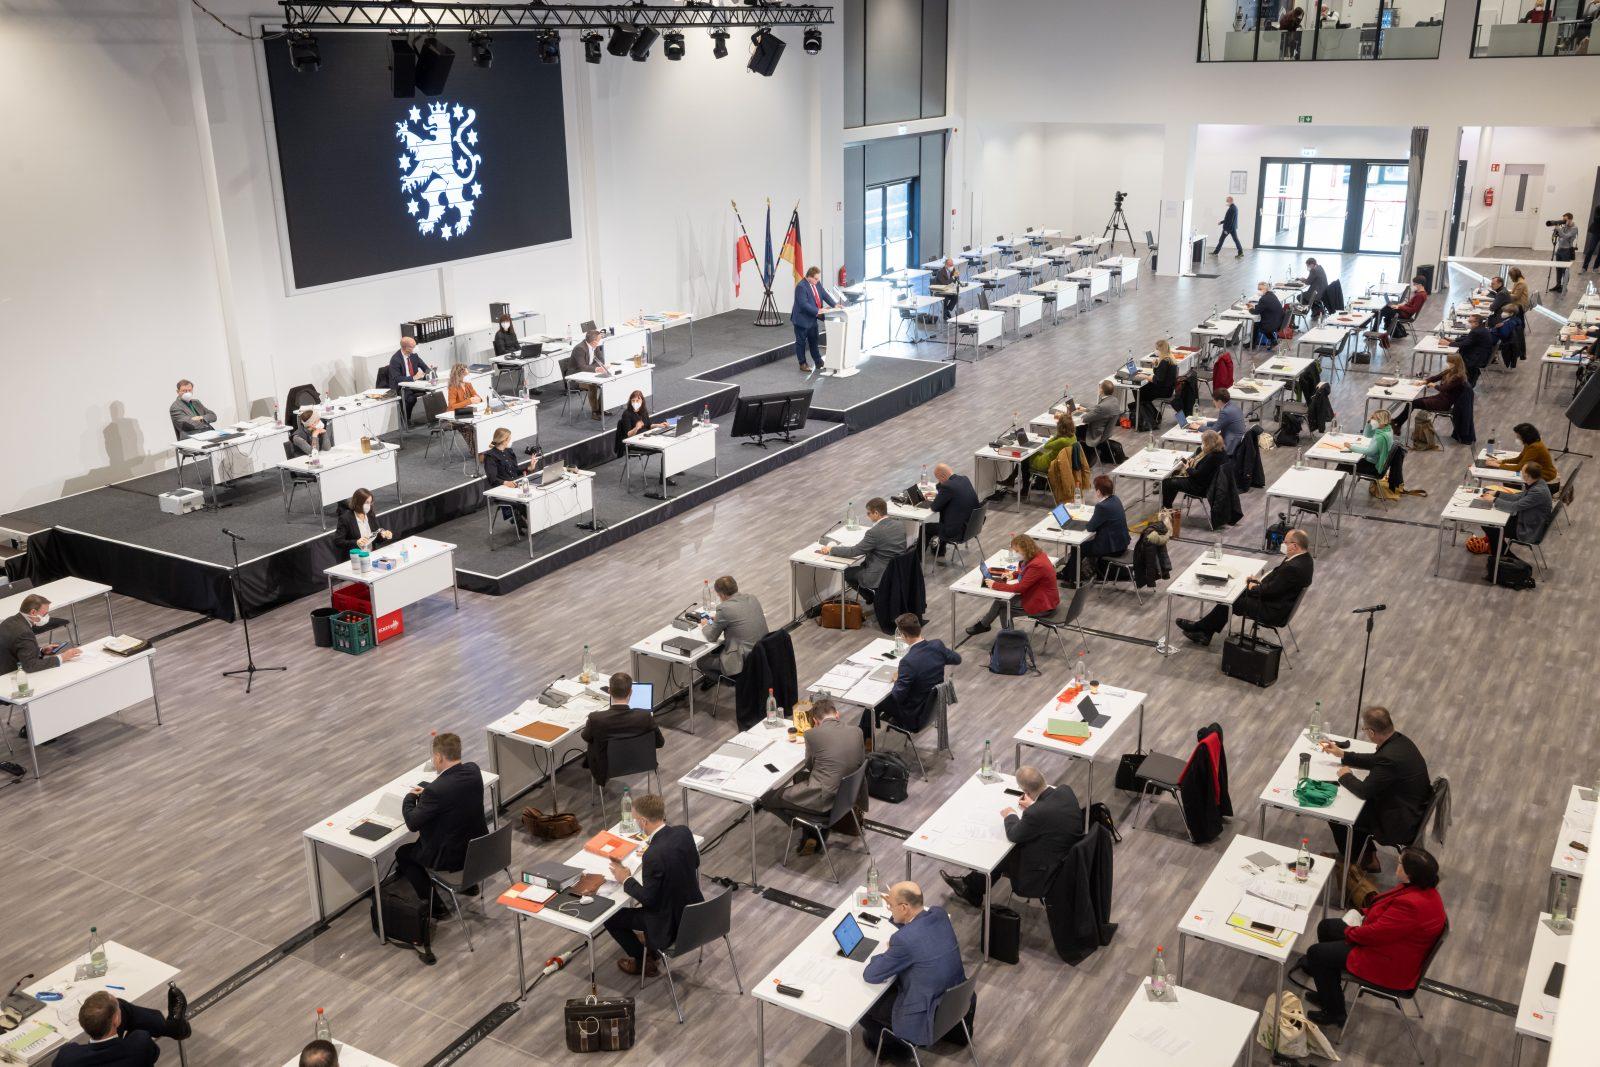 Landtagssitzung Thüringen: CDU stimmt mit Rot-Rot-Grün für Erhöhung des Rundfunkbeitrags